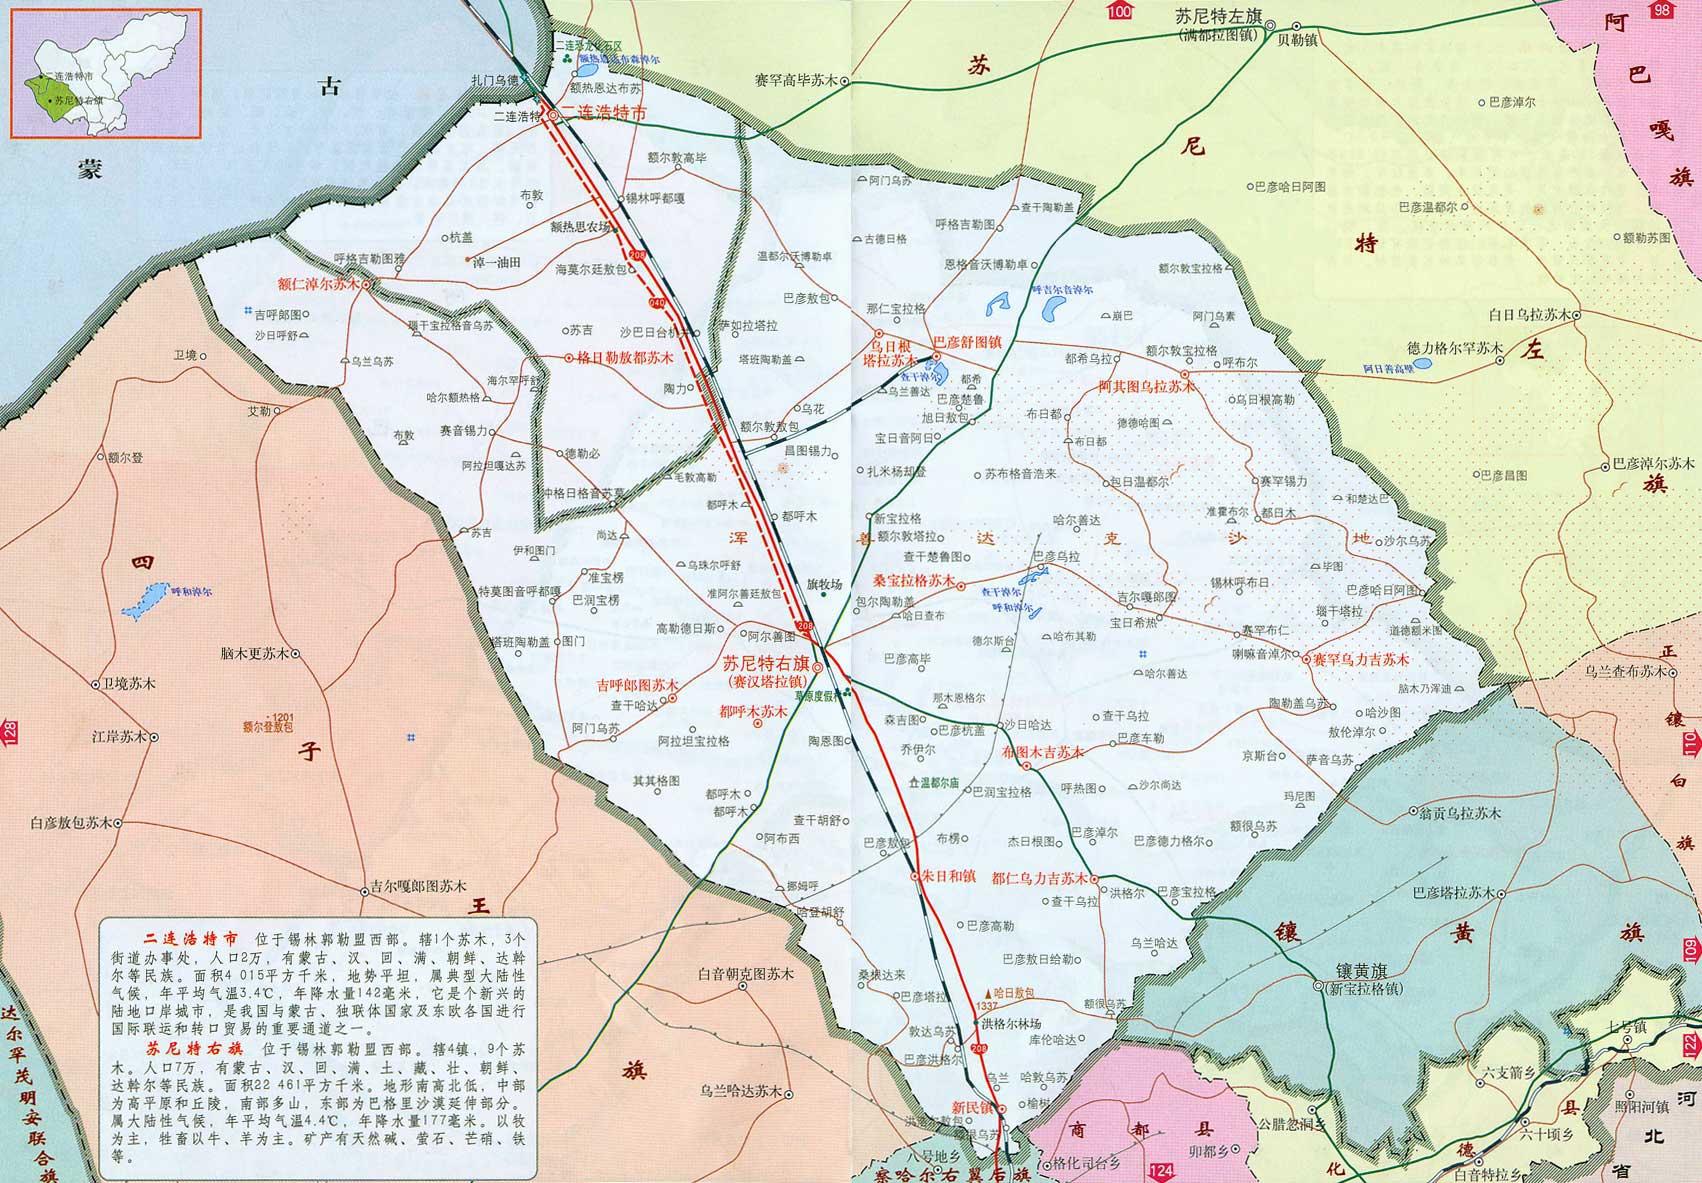 查字典地理网 地图 亚洲 中国 华北地区 内蒙古